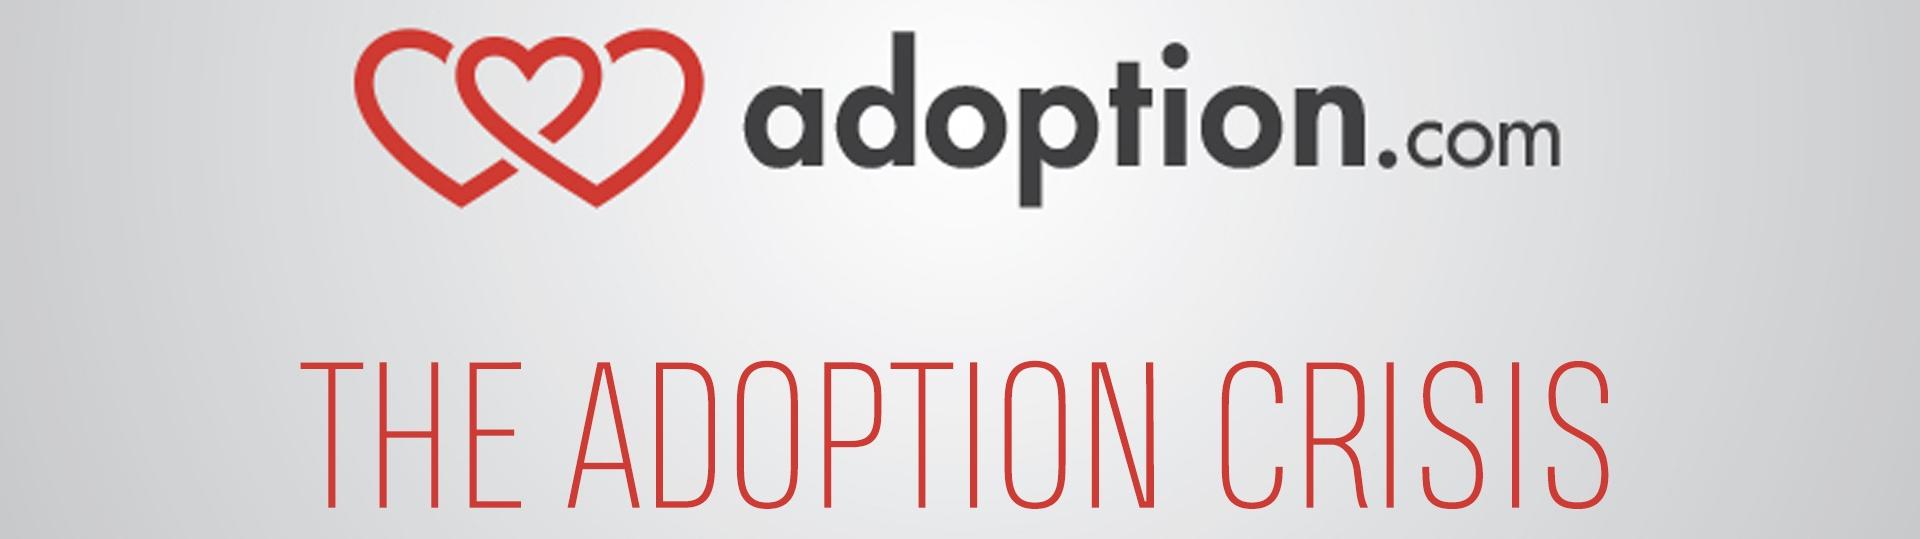 adoptioncris.jpg